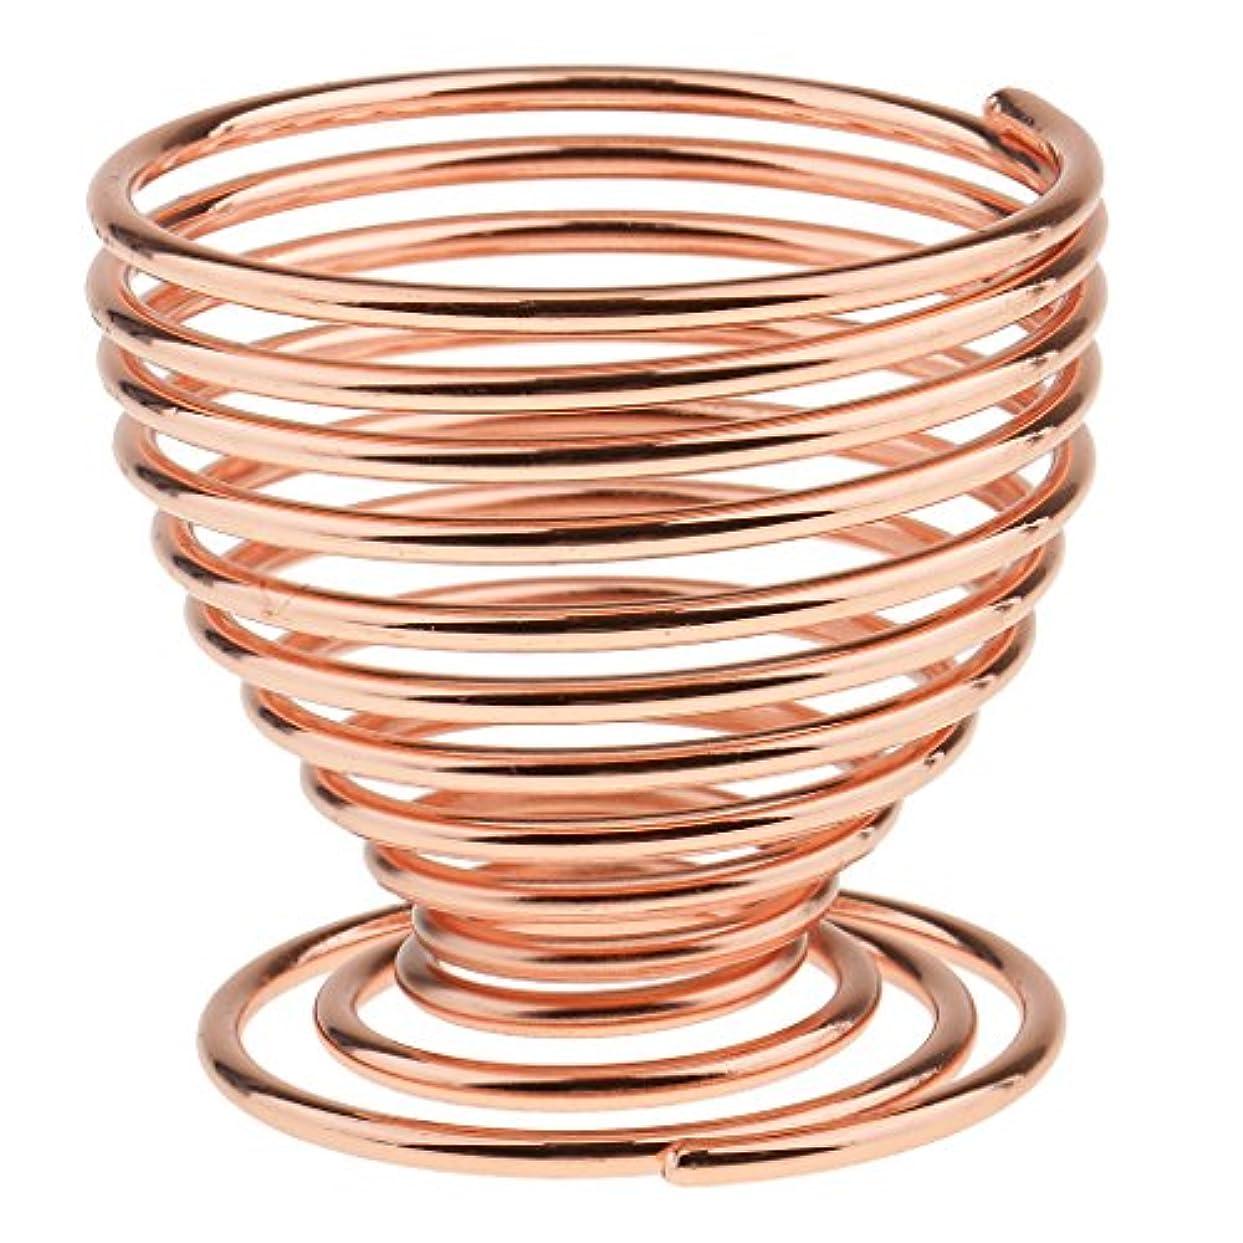 悪因子新鮮な真鍮3色選べる パフ スタンド メイク用具 パフホルダー パフ收納用 通風 清潔 便利ツール 乾燥しやすい - ローズゴールド